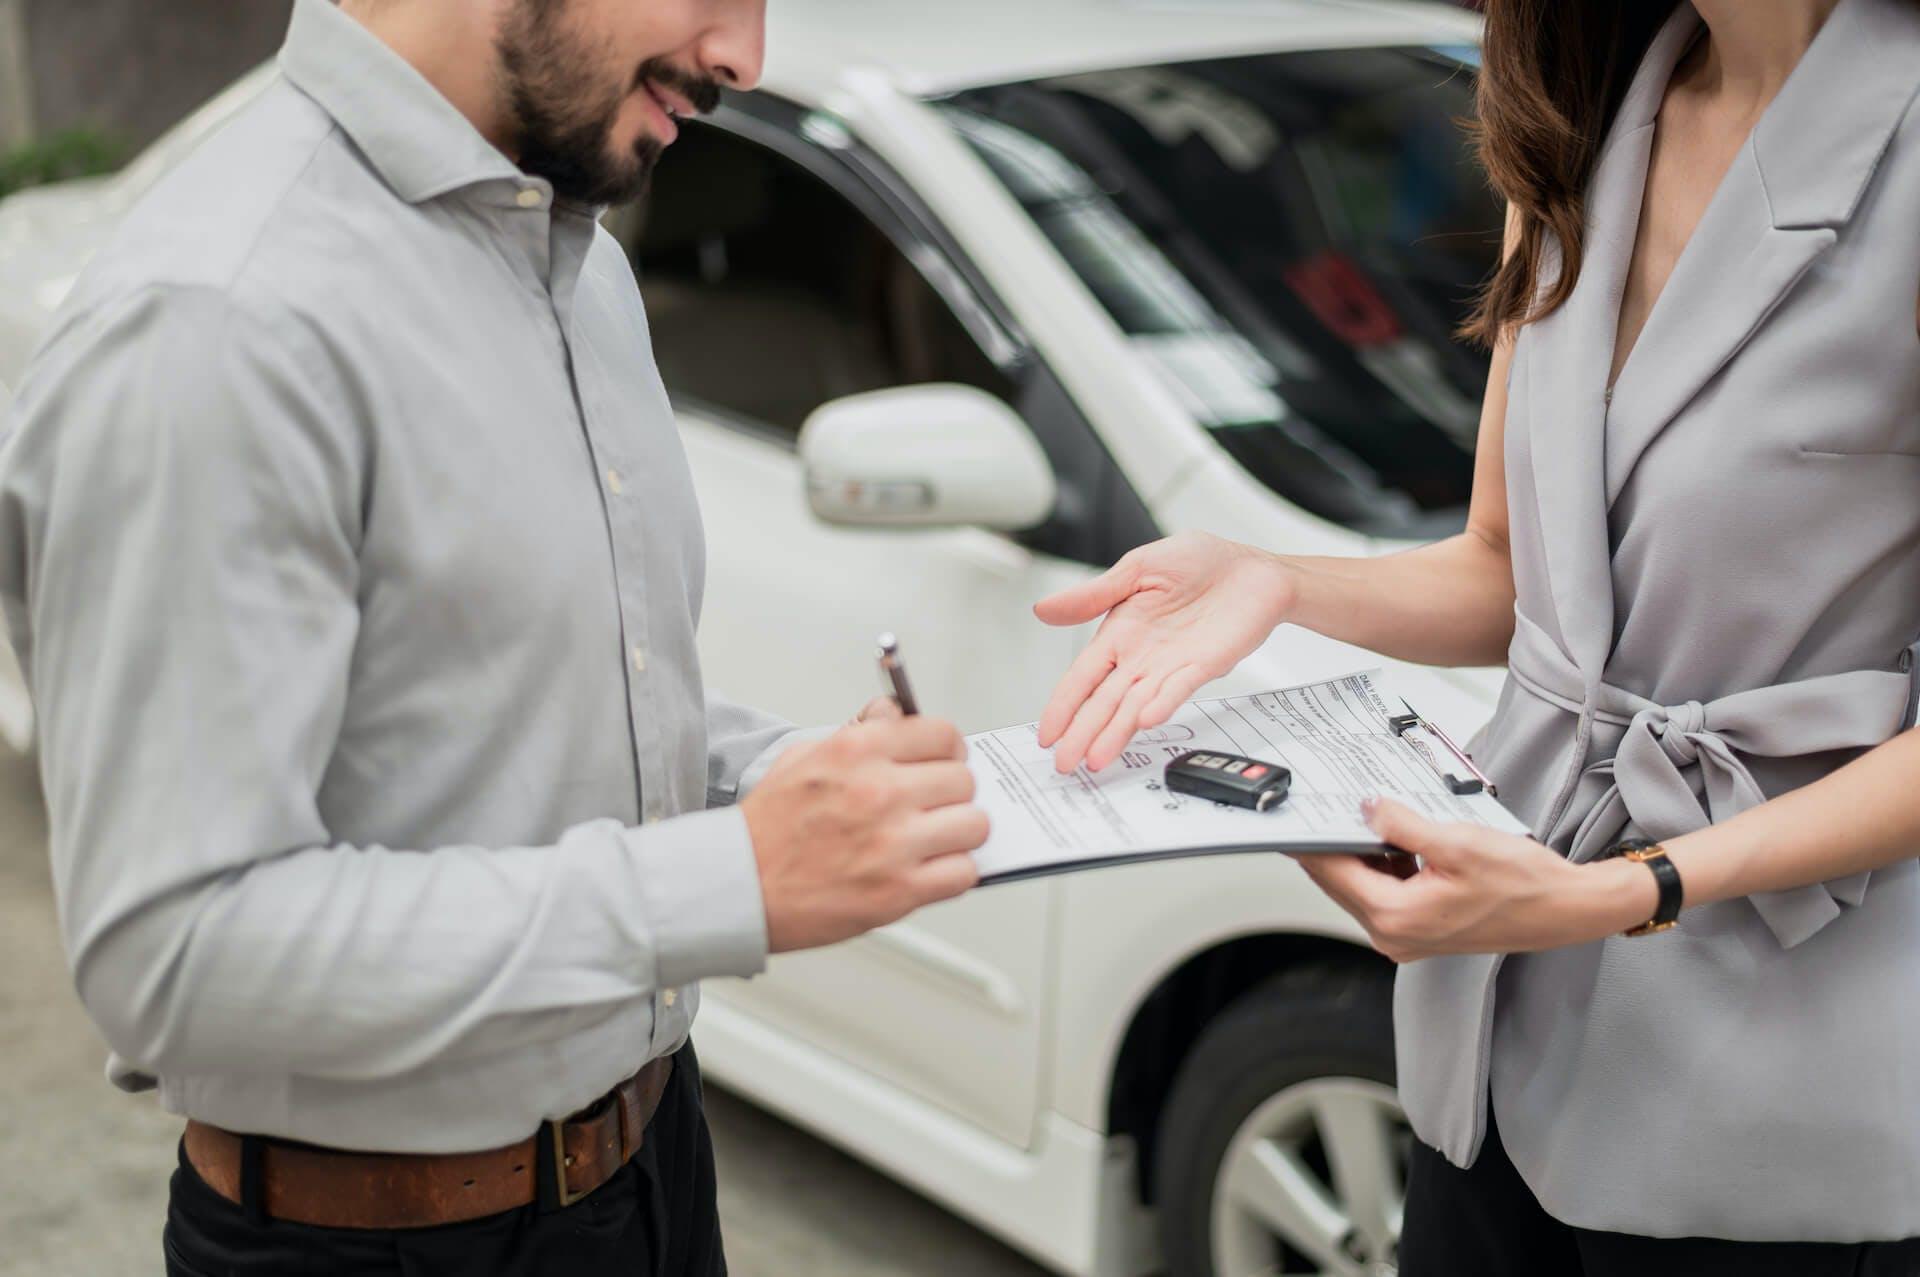 Pirkimo - pardavimo sutartis. Ką reikia žinoti perkant automobilį?